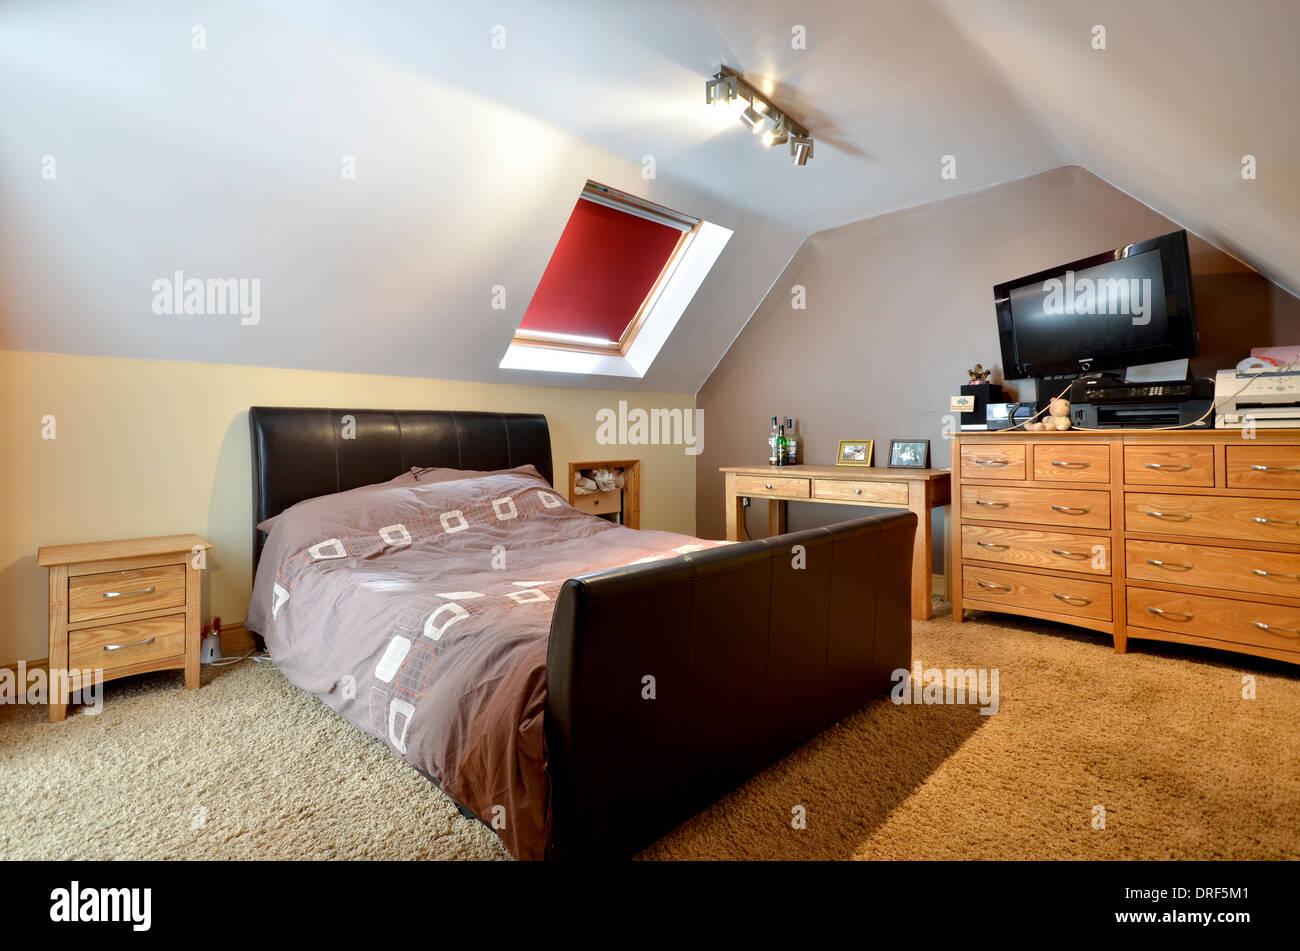 Dachgeschoss Schlafzimmer Mit Oberlicht Stockfoto Bild 66101953